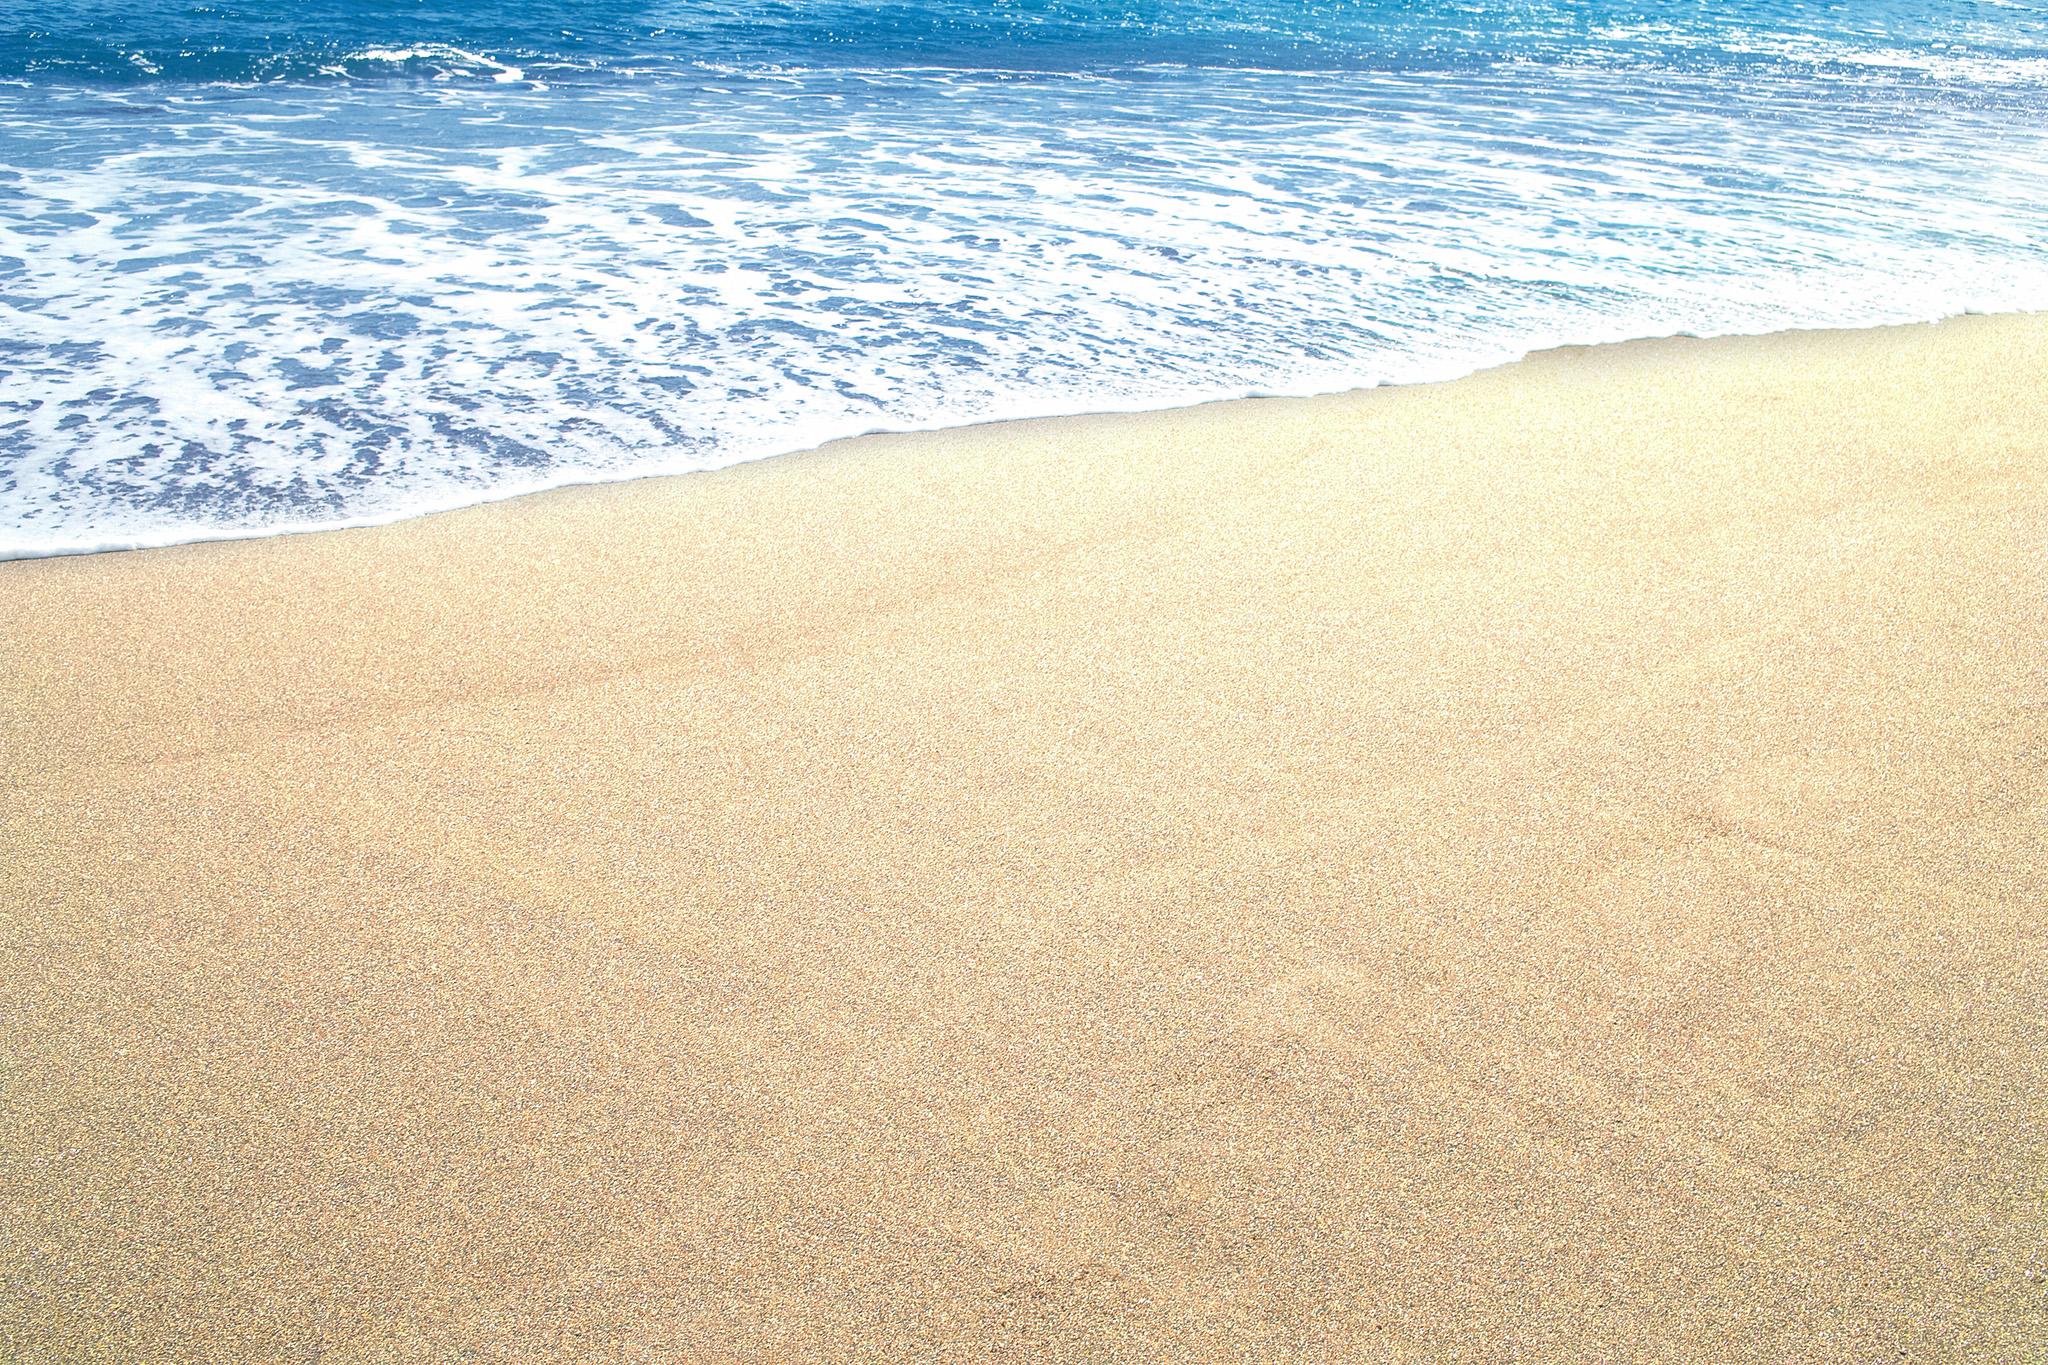 「夏の砂浜に寄せる波」